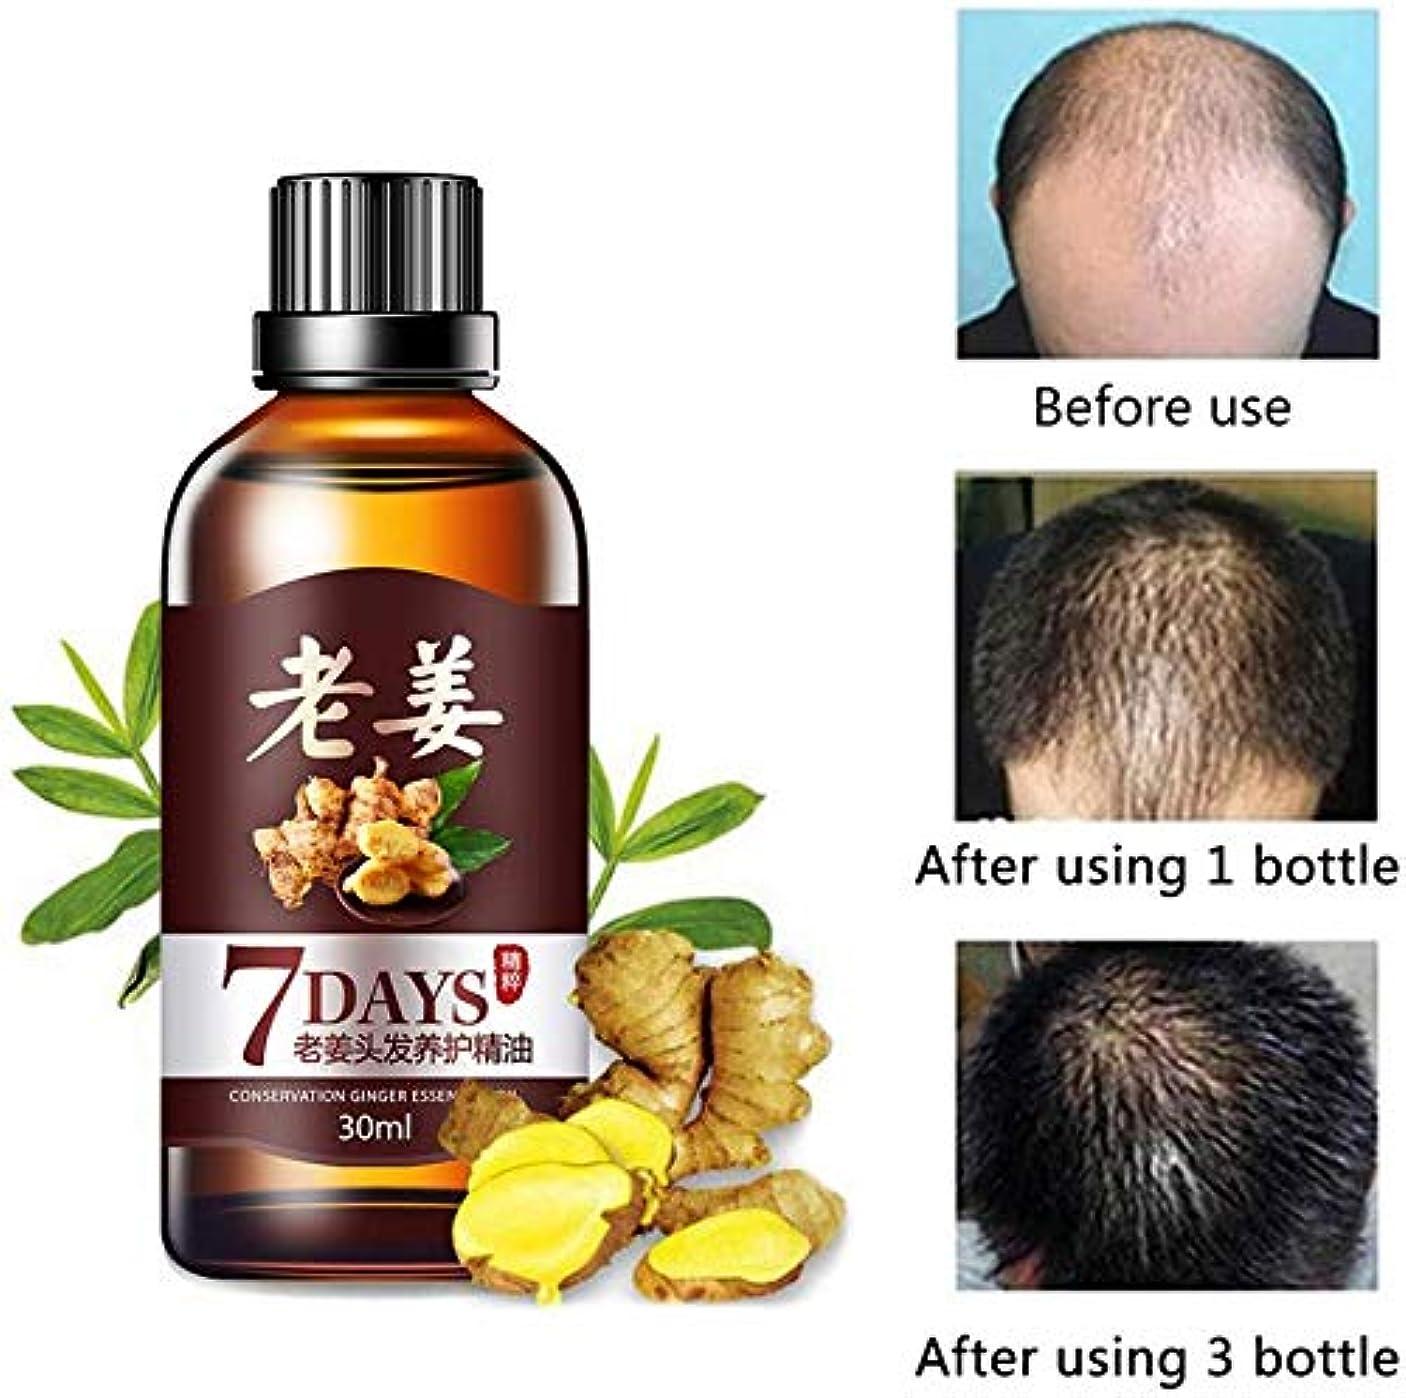 徹底実用的好意BSMEAN 30mlヘアセラム、育毛セラム、薄毛用育毛オイル、脱毛防止セラム、発毛促進、毛根の強化、男性および女性用の再生製品